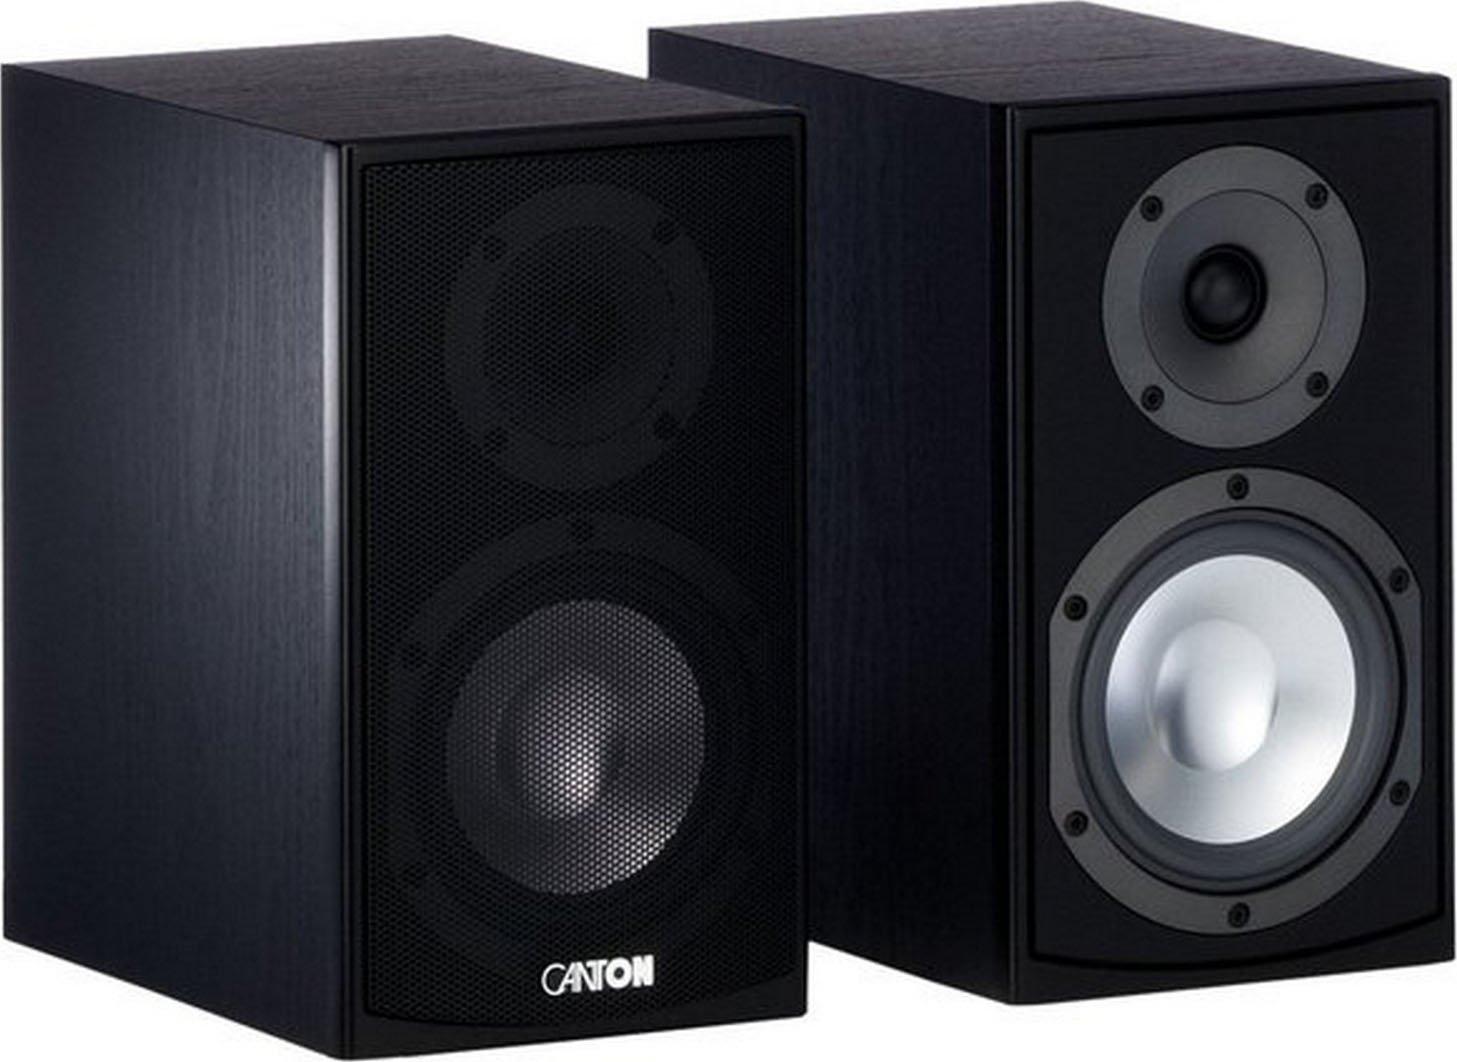 Op zoek naar een CANTON luidspreker GLE 420.2 een paar (paar)? Koop online bij OTTO